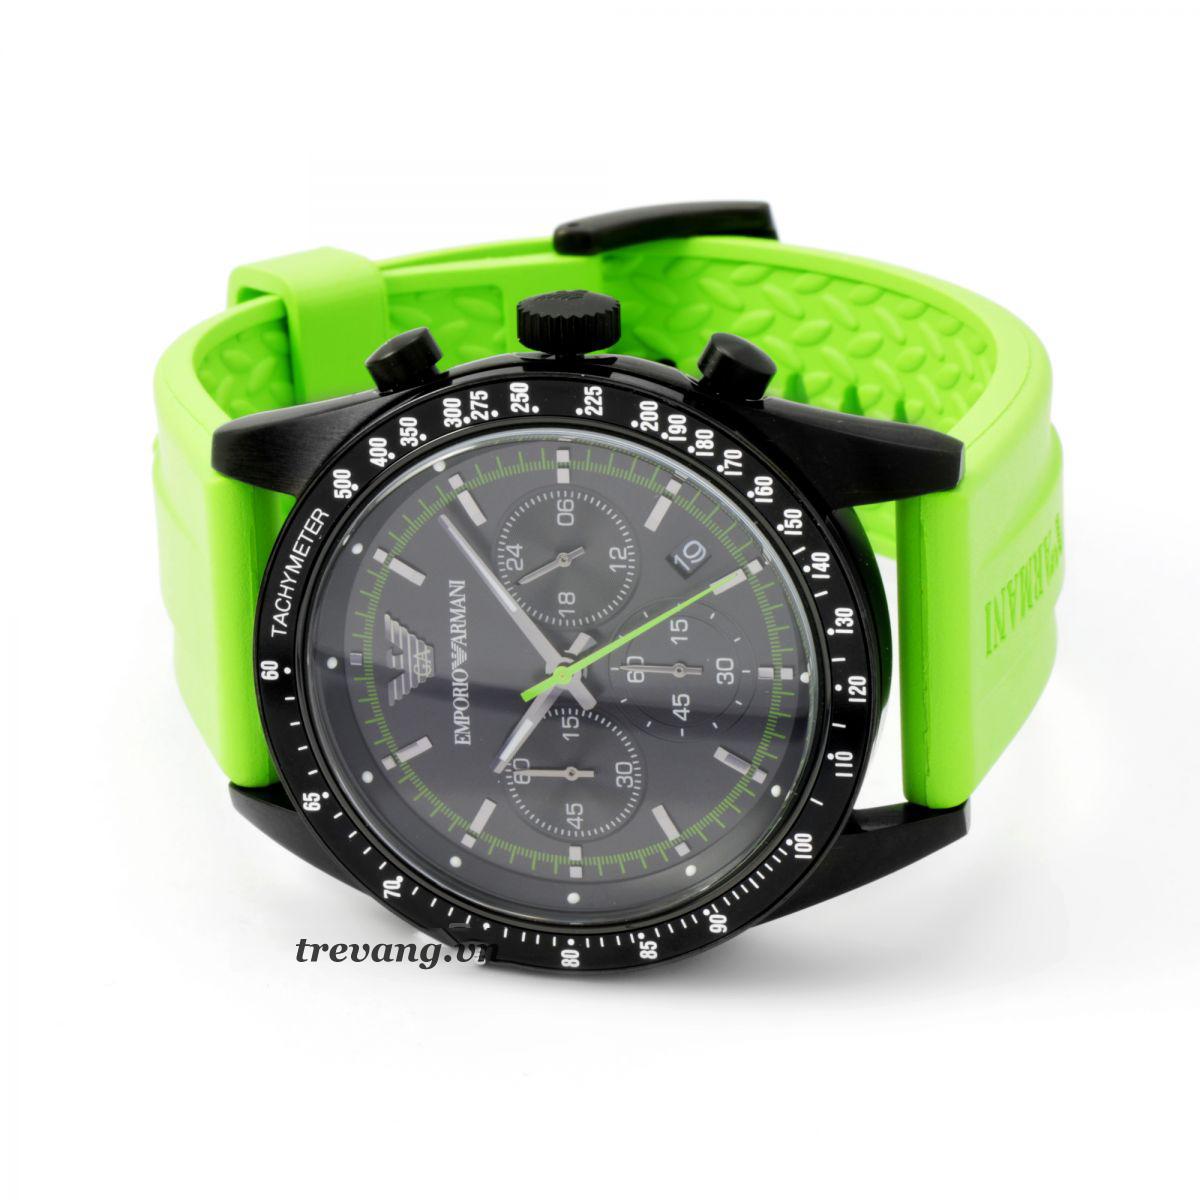 Đồng hồ Armani AR6115 dây đeo màu xanh lá cho chàng trai cung xử nữ